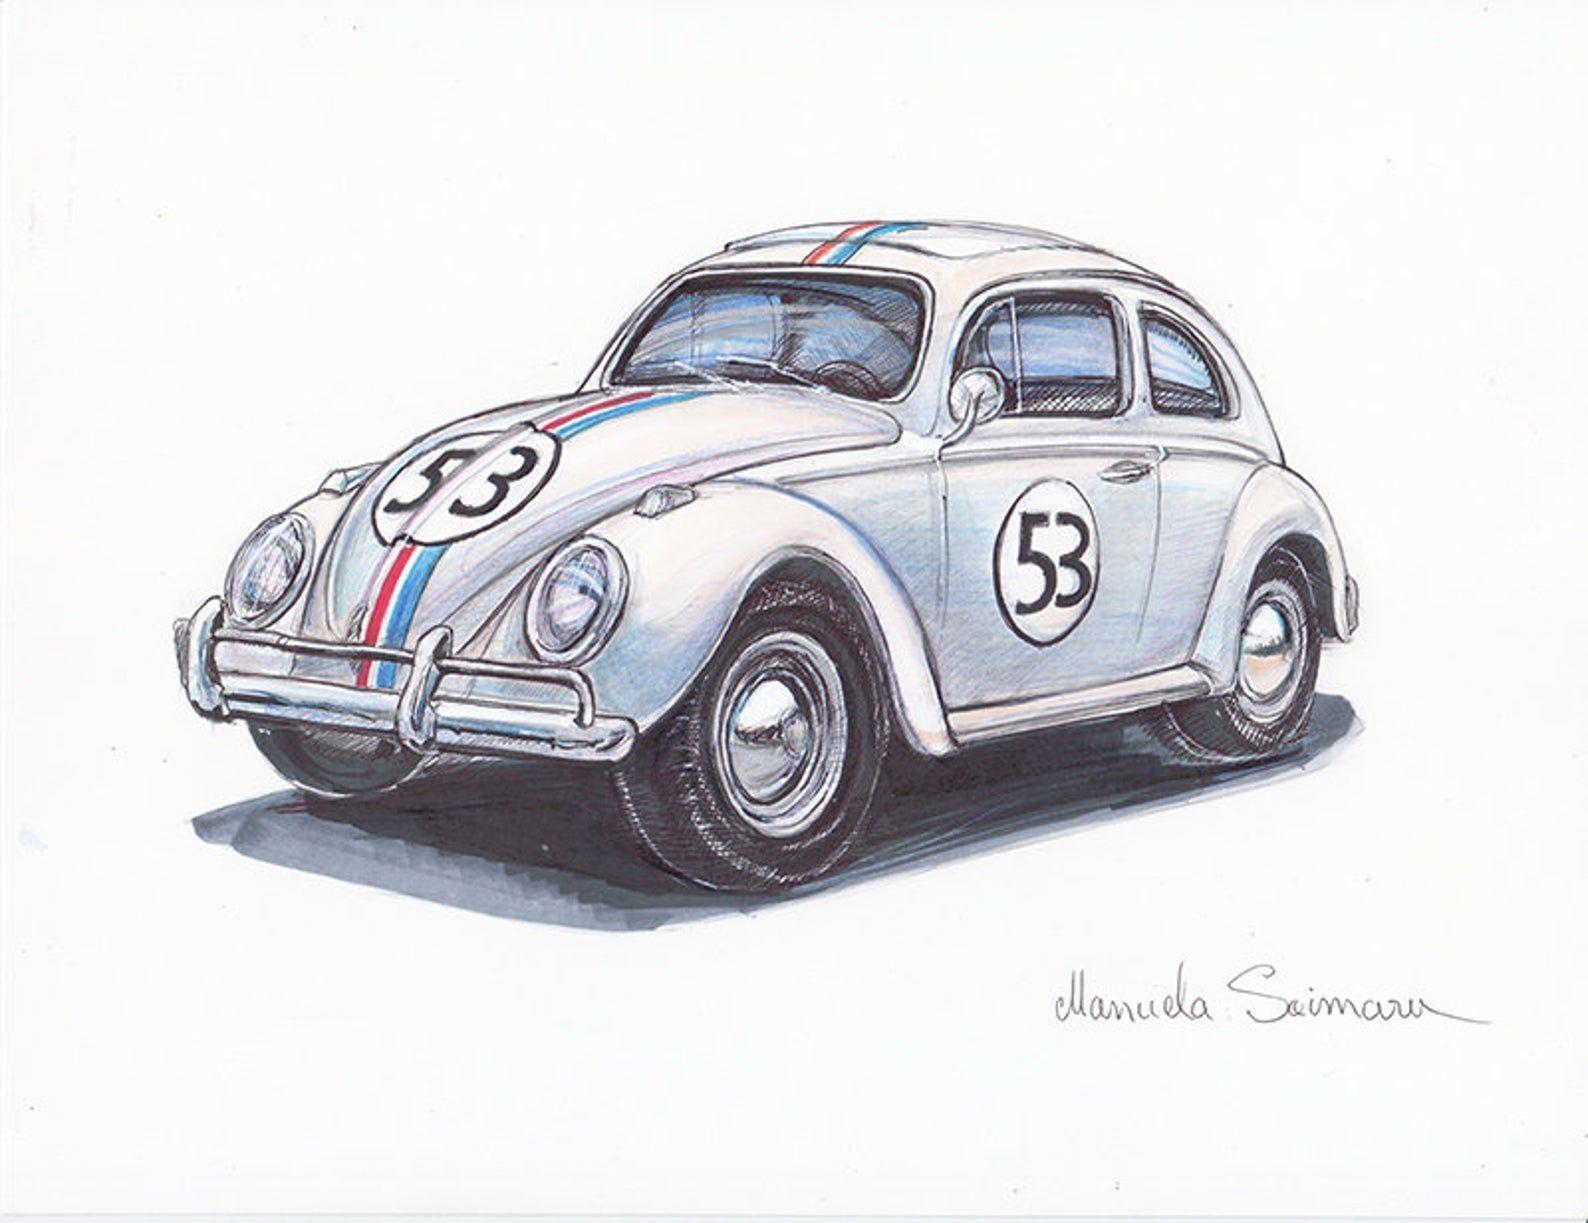 1963 Volkswagen Beetle Drawing Herbie Fully Loaded Art Print Vw Car Artwork Movie The Love Bug Art Beetle Drawing Car Artwork Cool Car Drawings [ 1223 x 1588 Pixel ]